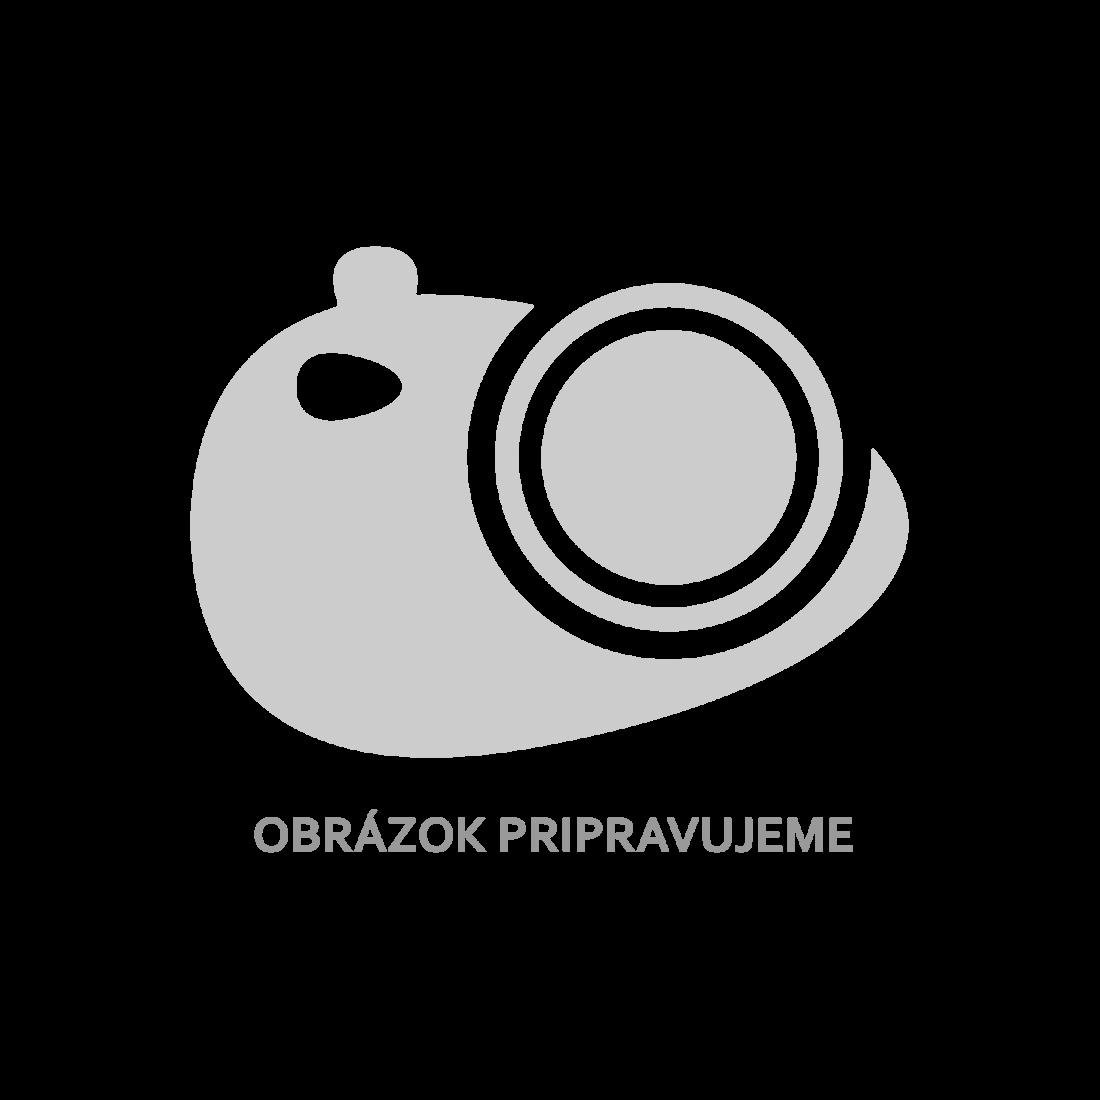 vidaXL Zahradní stůl bílý 90 x 90 x 74 cm litý hliník [315587]